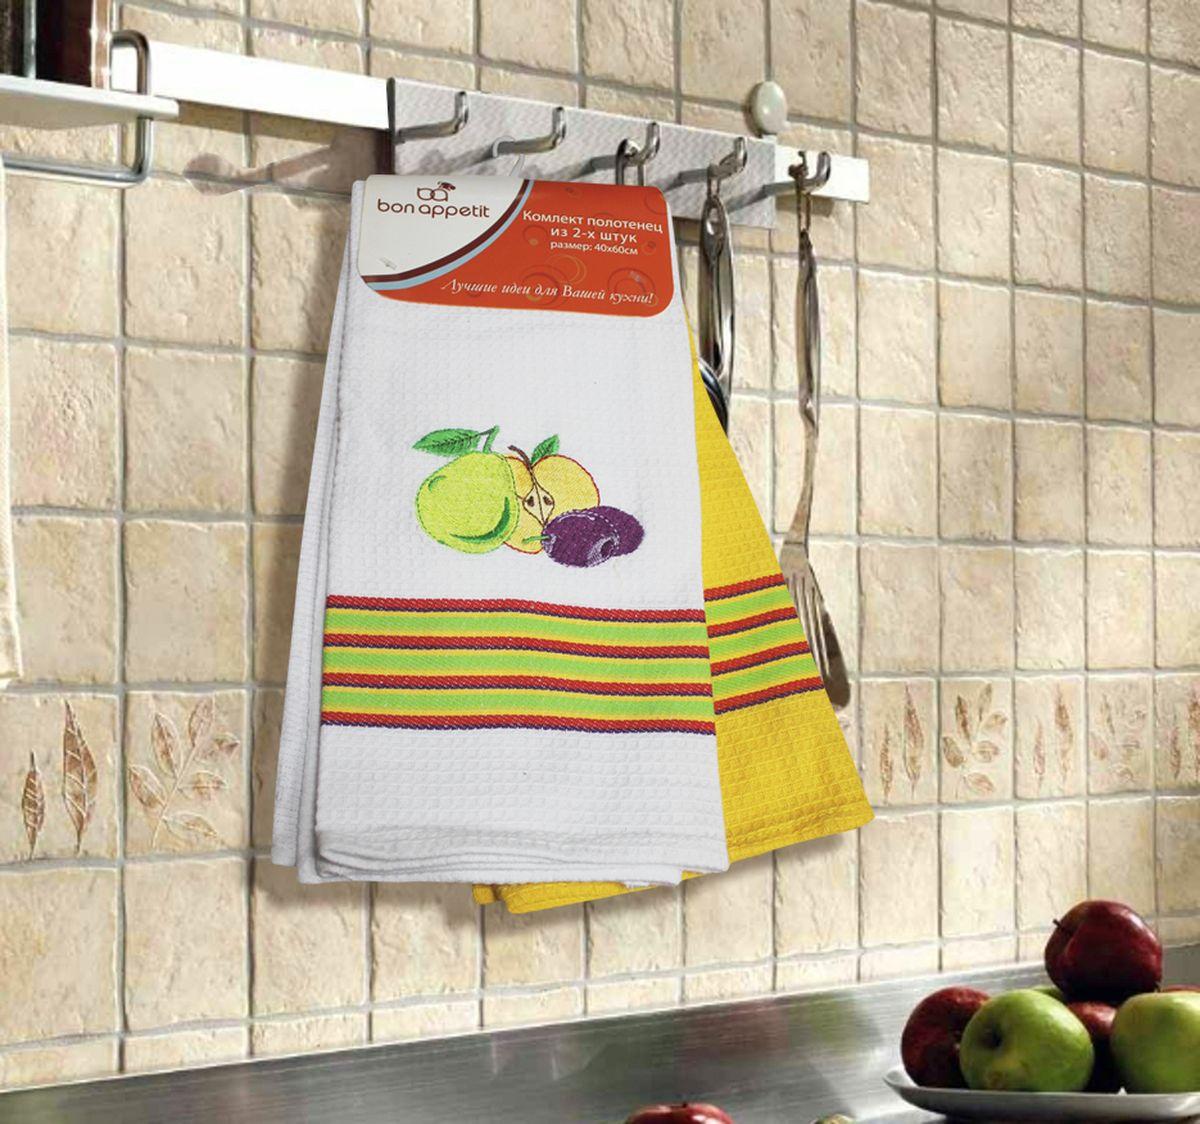 Набор кухонных полотенец Bon Appetit Fruits, цвет: желтый, 2 штK100Кухонные Полотенца Bon Appetit - В помощь хозяйке на кухне!!! Кухонные Полотенца Bon Appetit идеально дополнят интерьер вашей кухни и создадут атмосферу уюта и комфорта. Полотенца выполнены из натурального 100% Хлопка, поэтому являются экологически чистыми. Качество материала гарантирует безопасность не только взрослых, но и самых маленьких членов семьи.Bon Appetit – Интерьер и Практичность Современной Кухни!